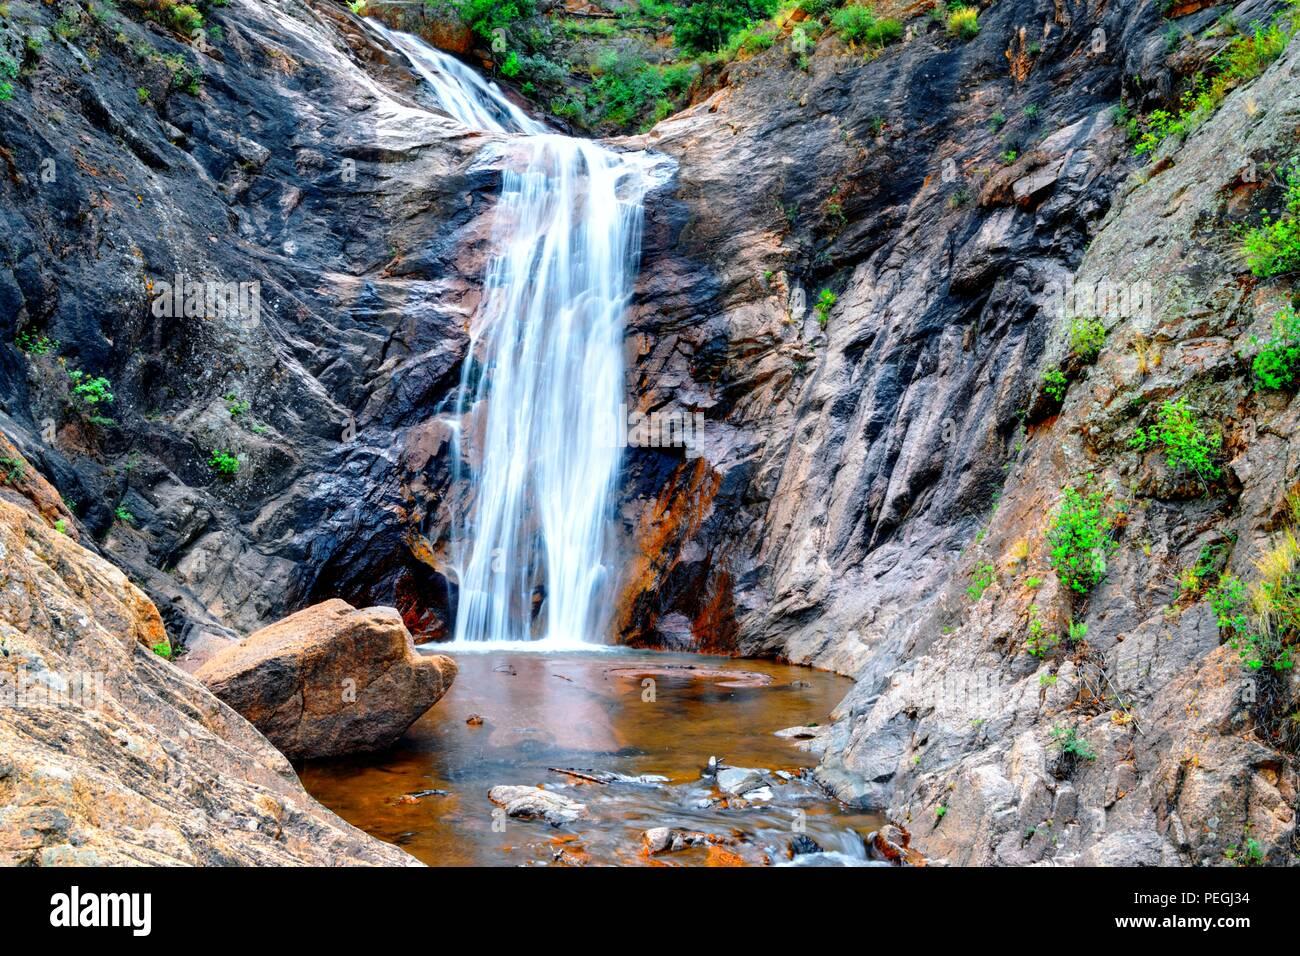 Seven Falls, Colorado Springs, Colorado - Stock Image